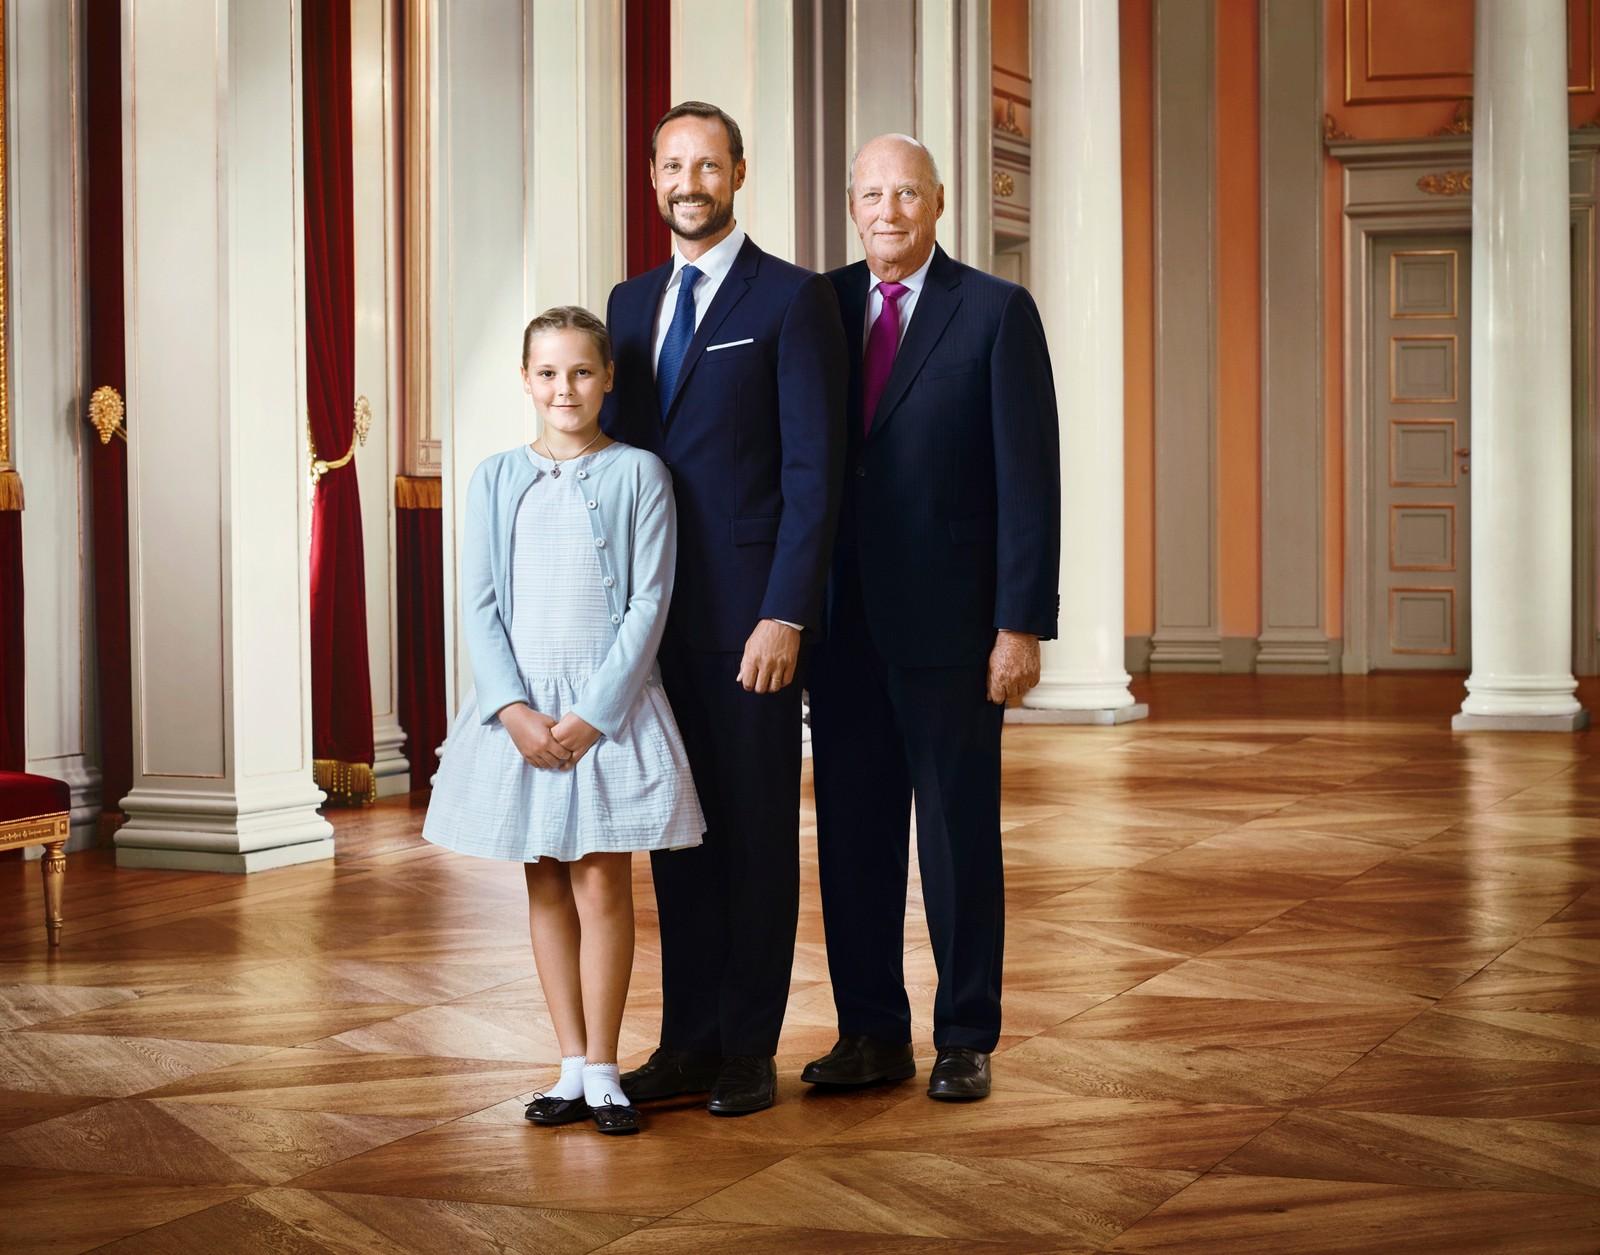 Arverekken i det norske kongehuset: Prinsesse Ingrid Alexandra, kronprins Haakon og kong Harald.